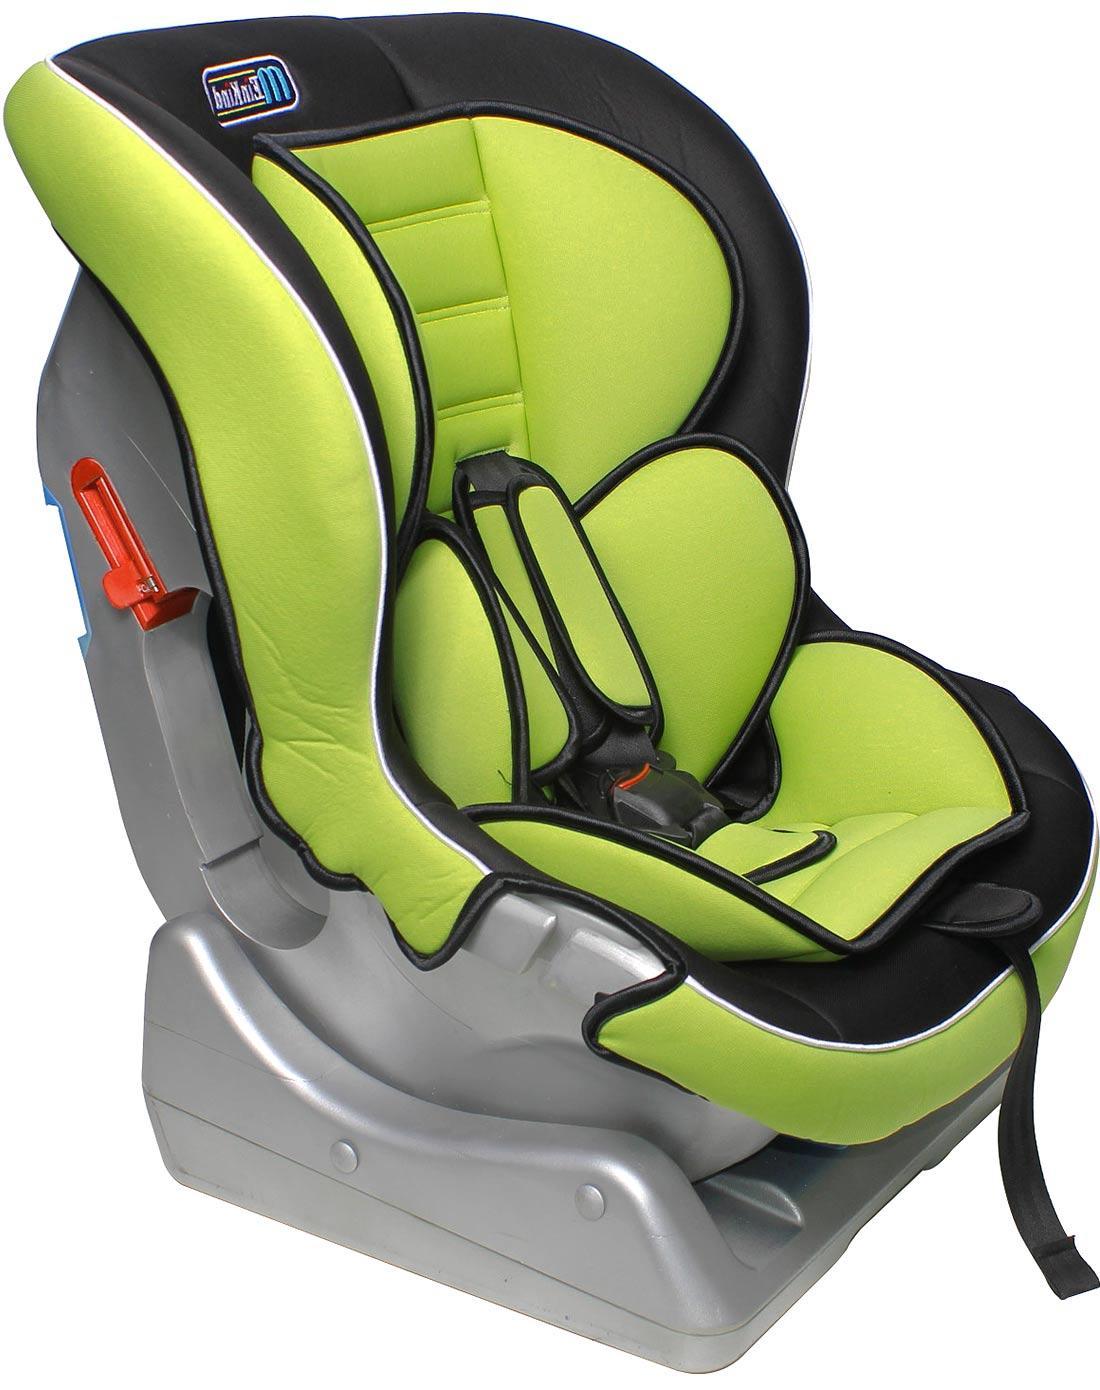 海淘儿童汽车安全座椅-热门品牌推荐